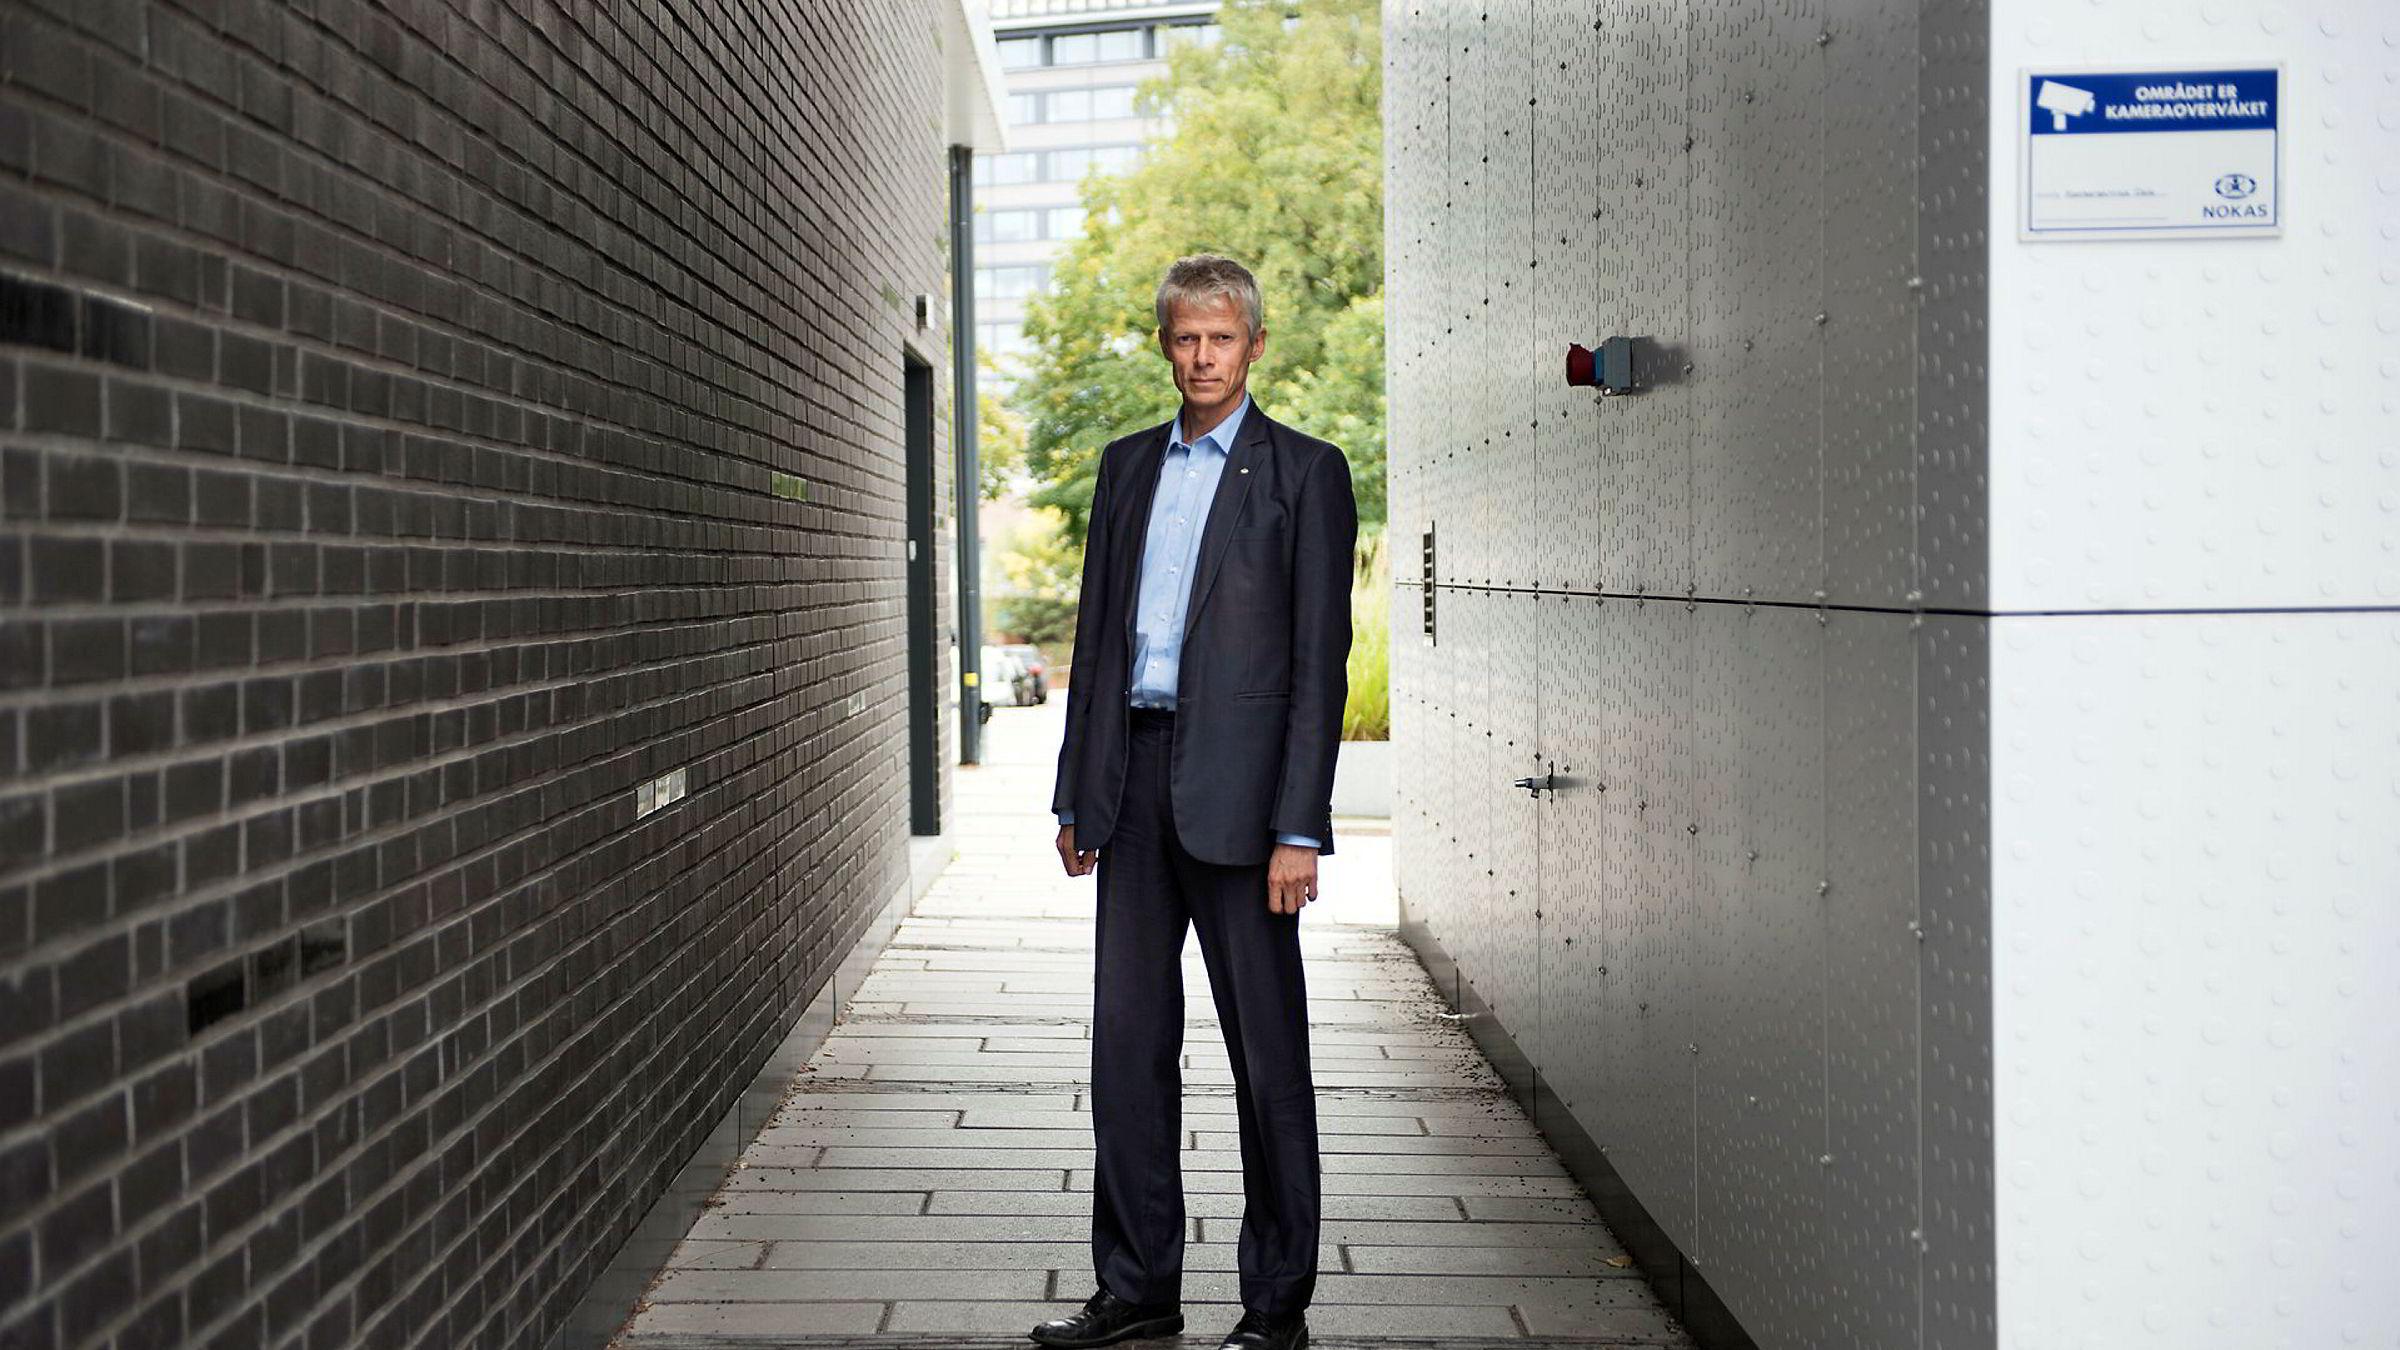 Skattedirektør Hans Christian Holte er kritisk til evnen store politidistrikt som Oslo har til å bekjempe alvorlig skattekriminalitet. Derfor mener han Økokrim må bestå som selvstendig særorgan.